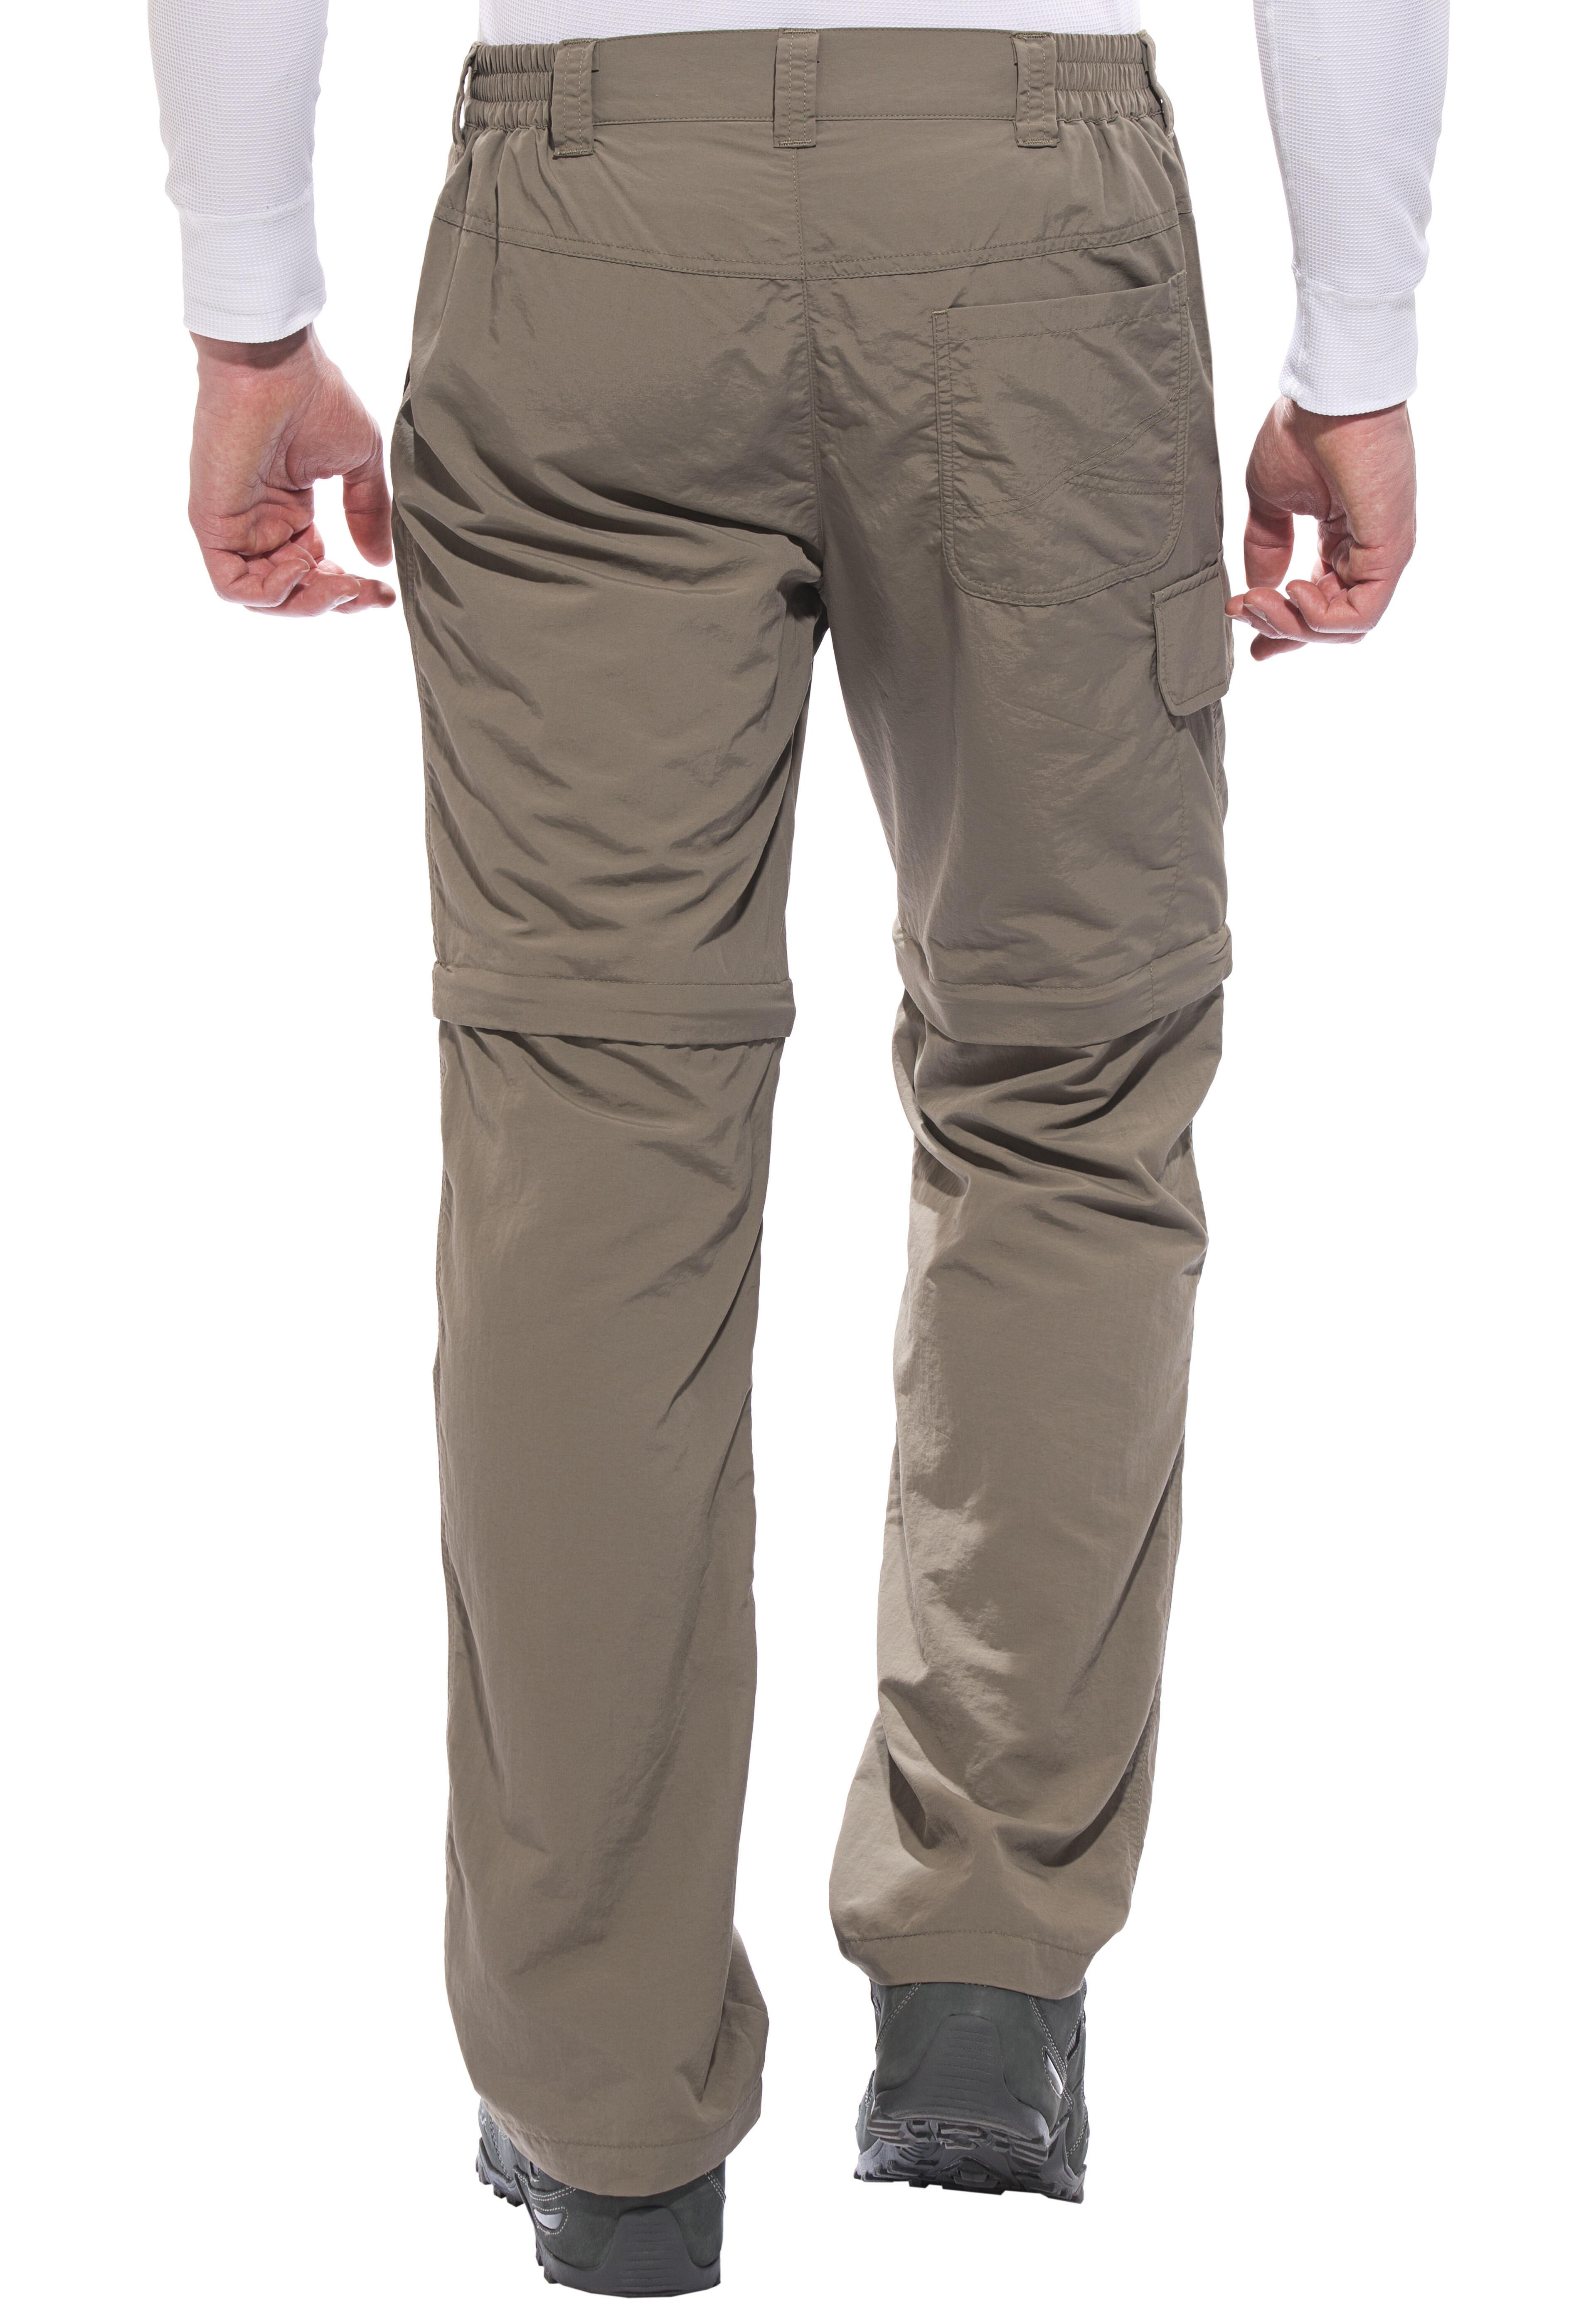 dbec8a9bd9 axant Alps - Pantalones Hombre - beige